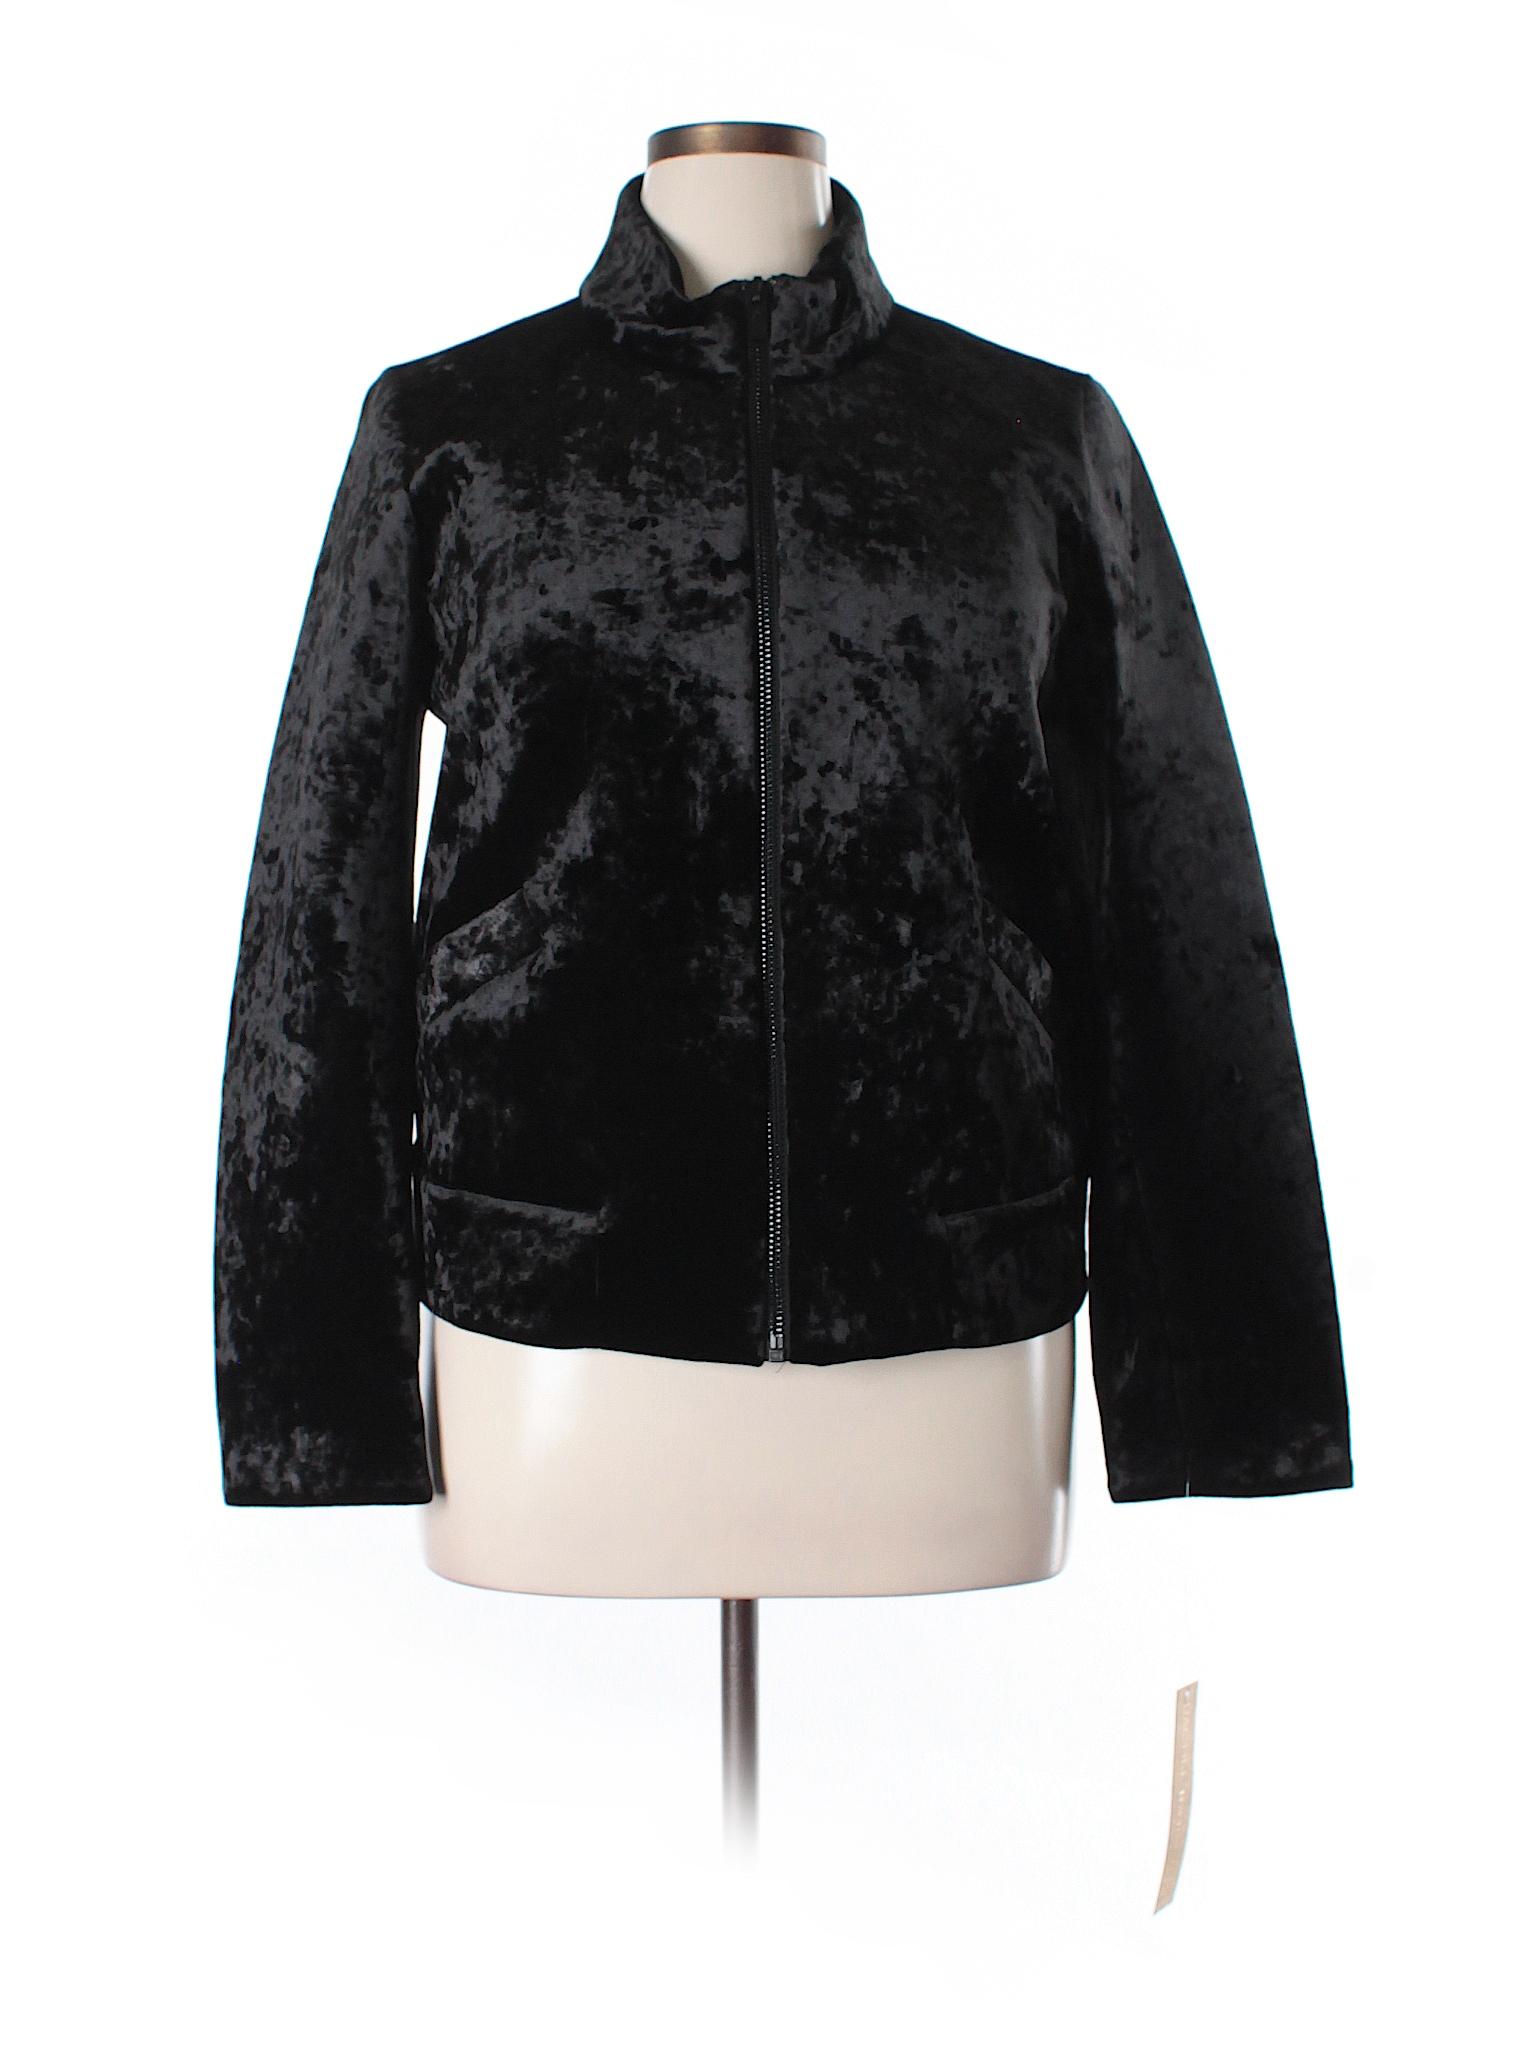 Boutique Jacket Jacket Roy Roy RACHEL Boutique Rachel Rachel Rachel RACHEL RACHEL Roy Jacket Boutique Boutique FxIqE6wa51